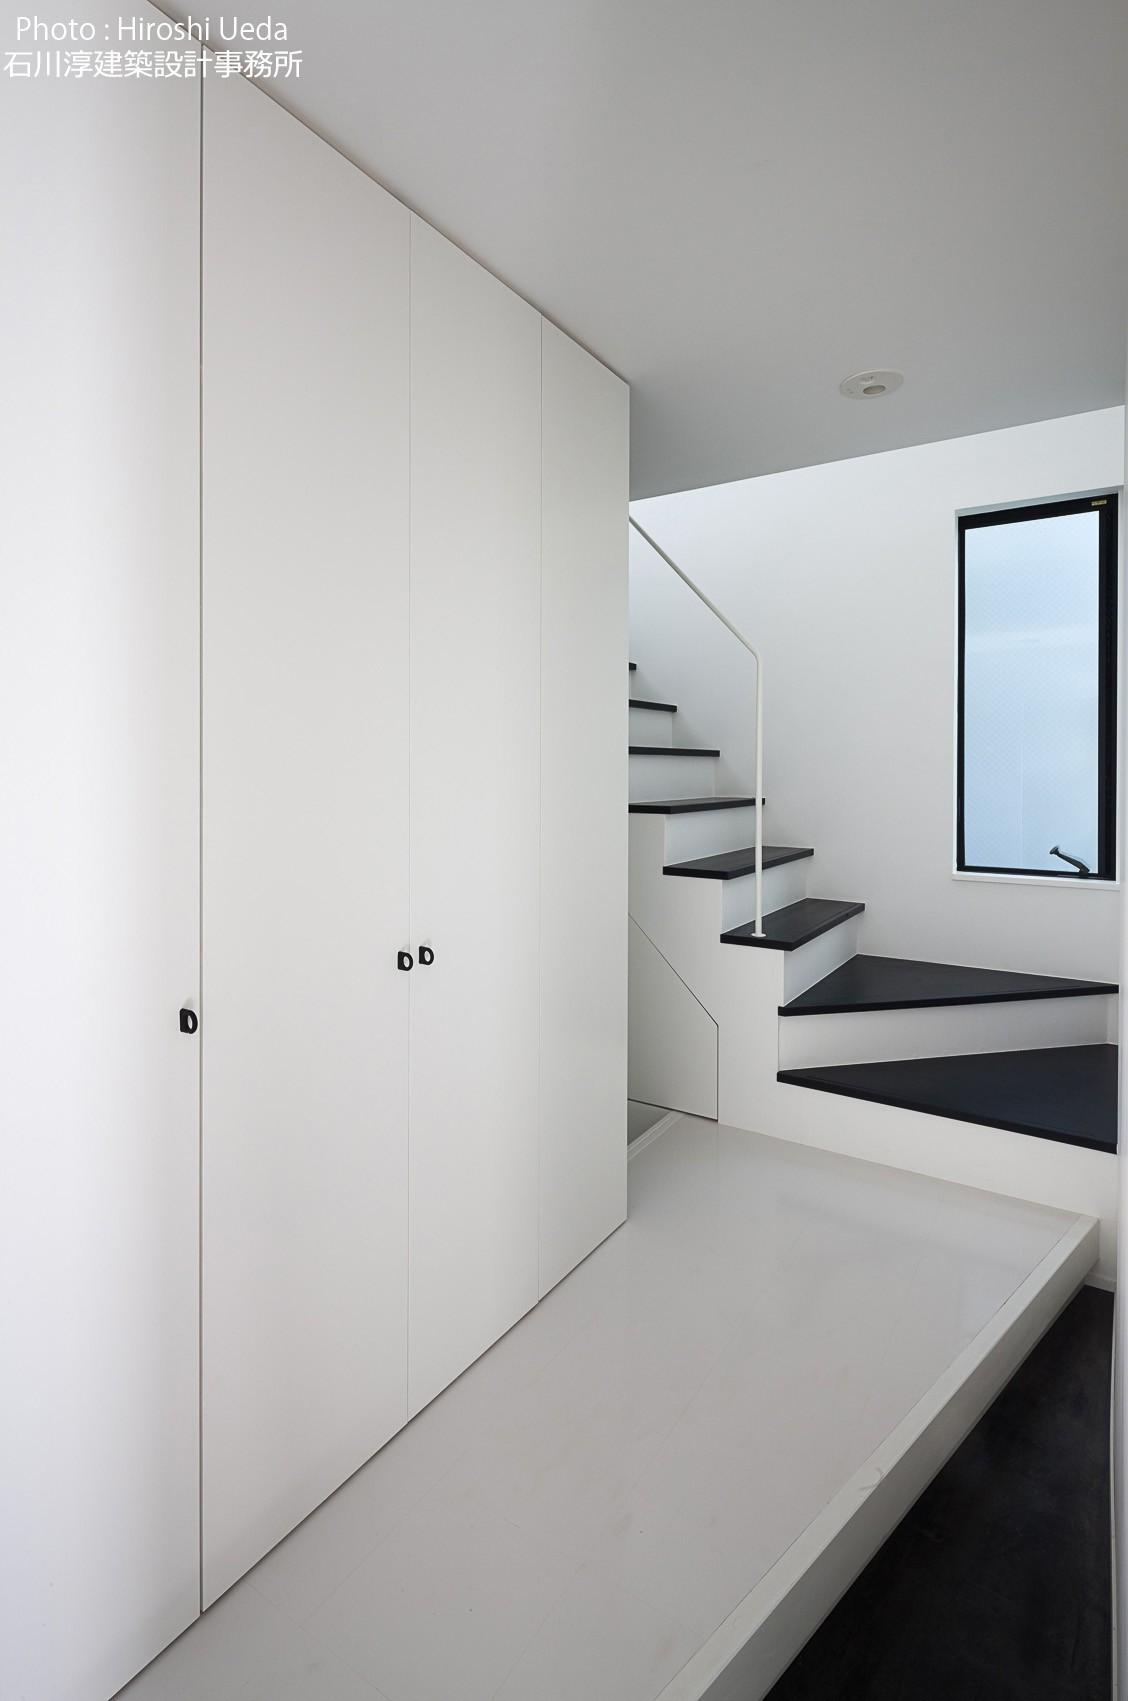 玄関事例:広い玄関土間(杉並 ちいさな仕事室のある家)